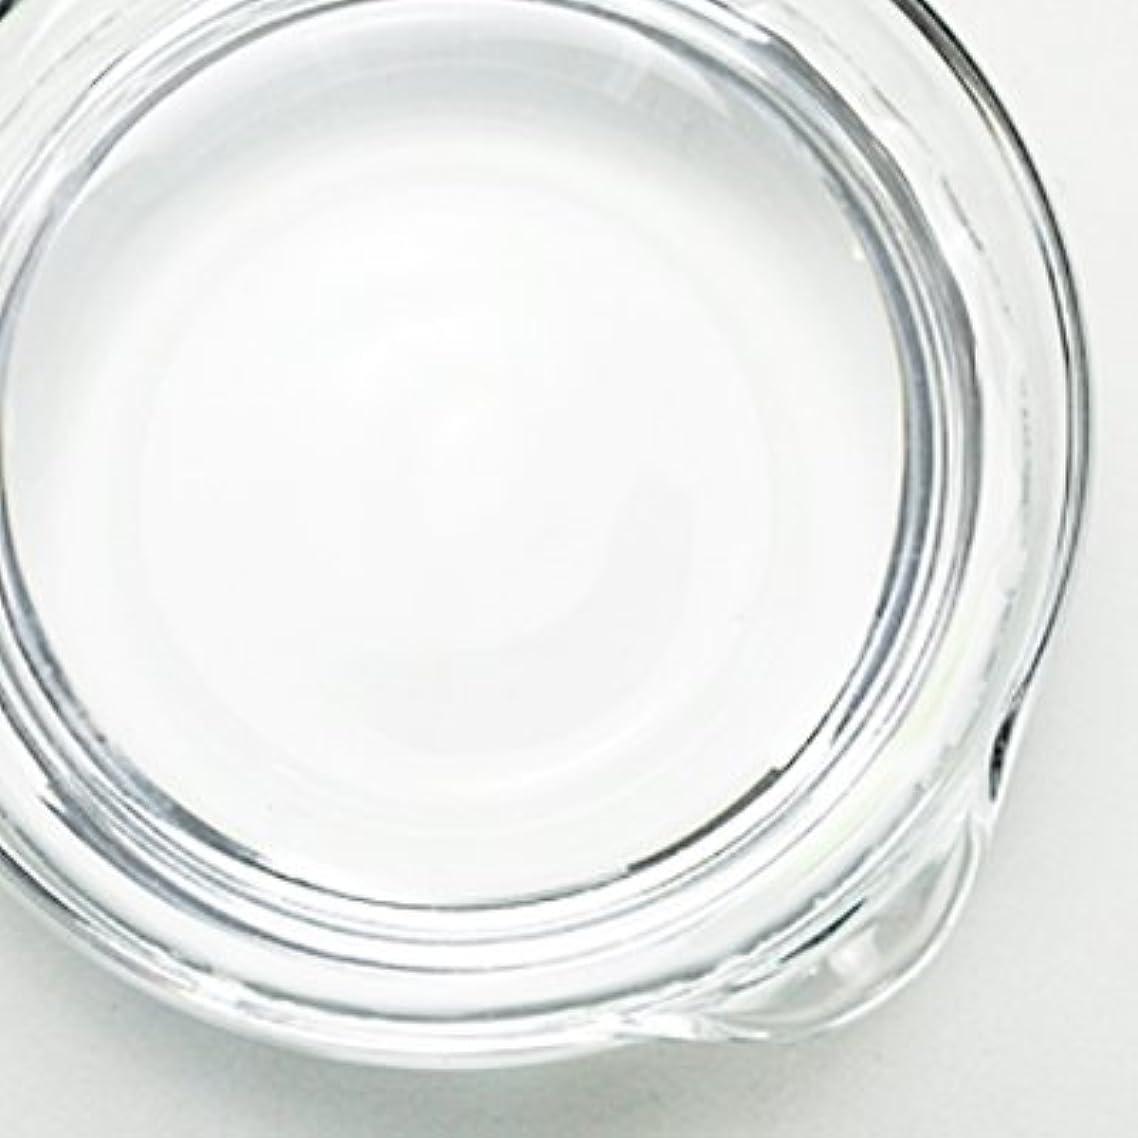 矢じり腹痛サリー1,3-プロパンジオール[PG] 100ml 【手作り石鹸/手作りコスメ】